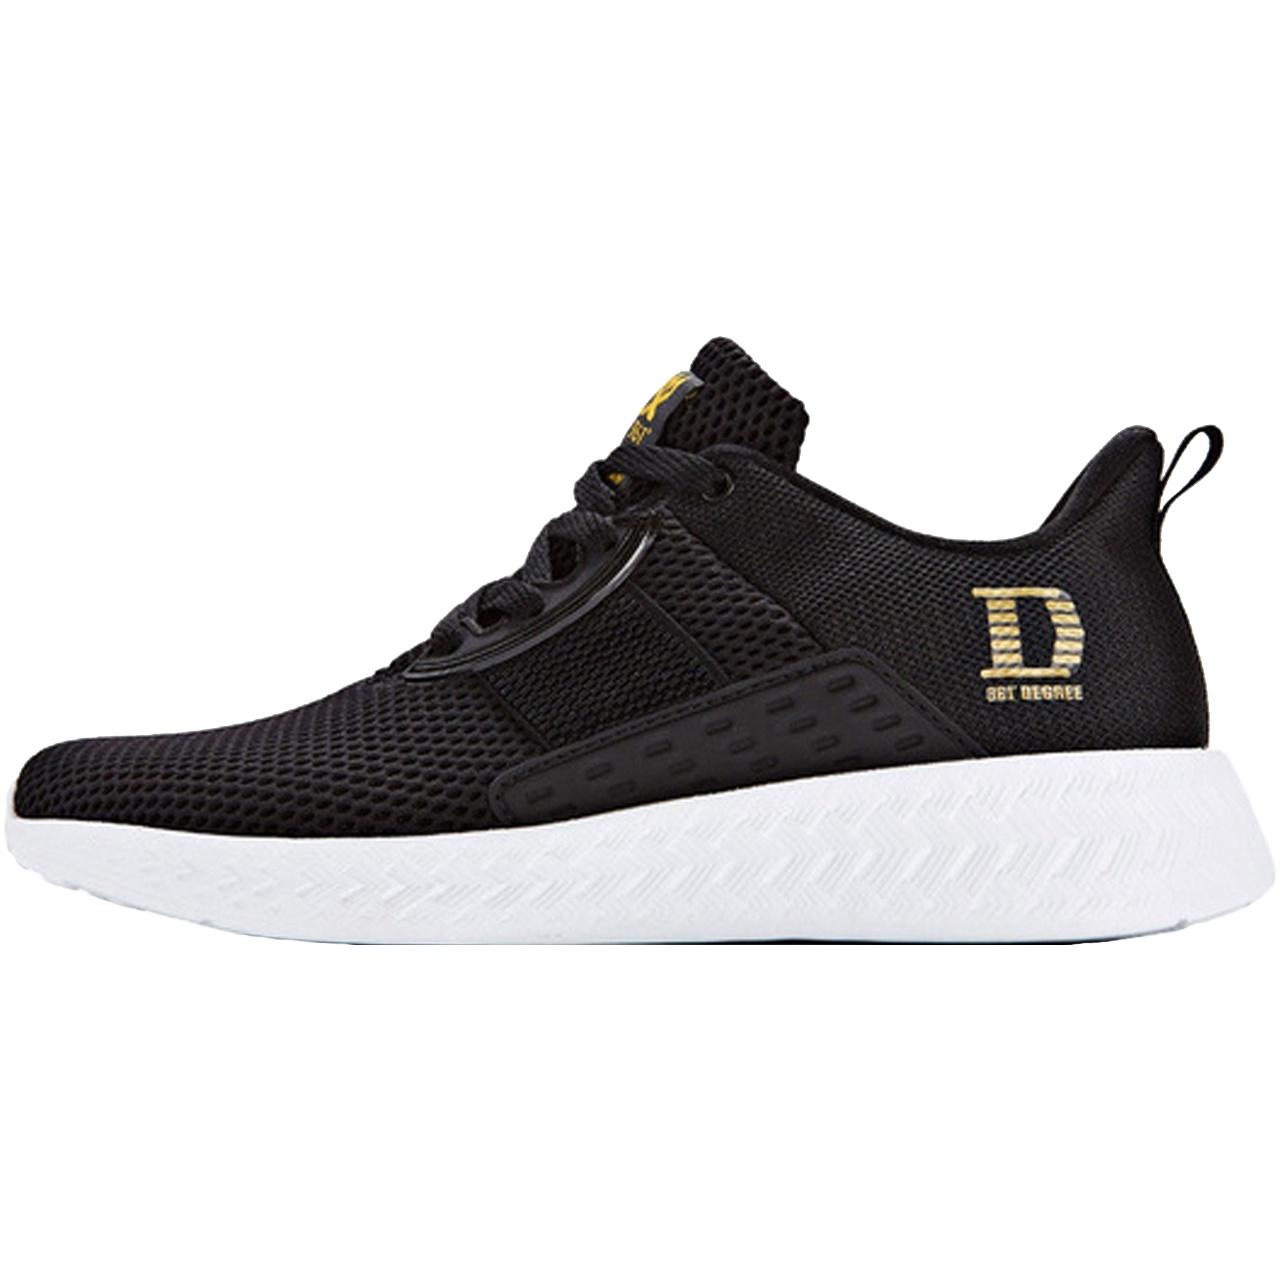 خرید                     کفش مخصوص دویدن مردانه 361 درجه کد 671916722